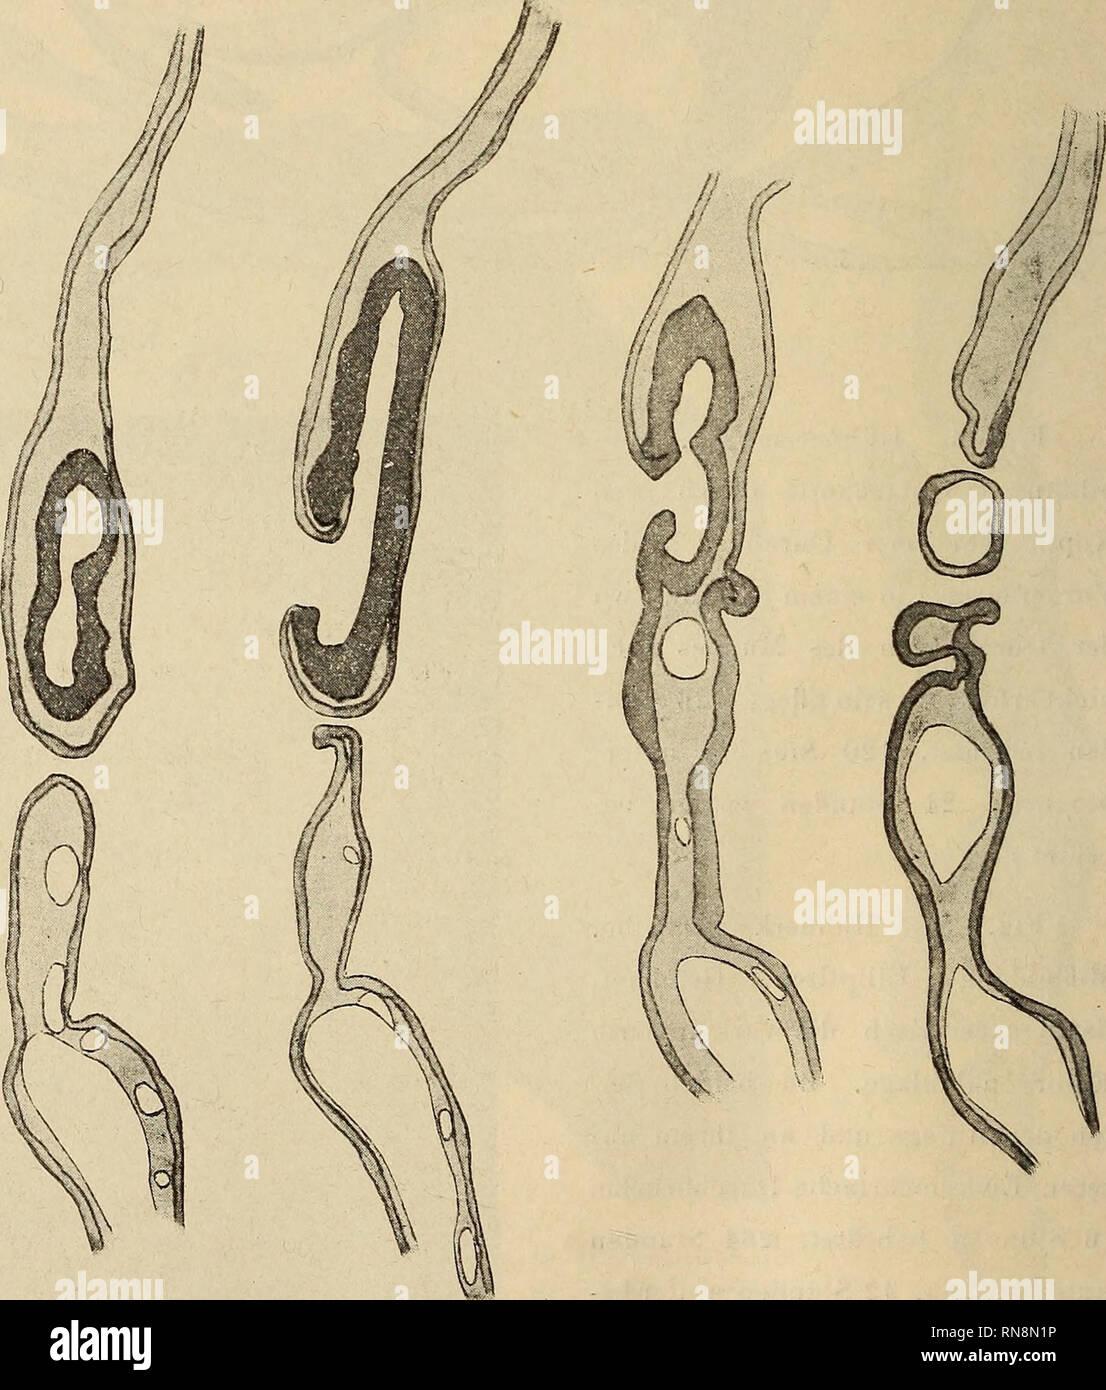 . Anatomischer Anzeiger. Anatomy, Comparative. 144 Öffnung noch nicht haben konnte. Den merkwürdigsten Fall von ab- normen Durchbrüchen habe ich an einer verkümmerten Embryonal- anlage beobachtet, die Fig. 5 in toto darstellt. An dieser im Ganzen 48 Stunden bebrüteten Embryonalanlage, an der von Primitivorganen nur das merkwürdig gestaltete, teils offene, teils geschlossene Medullar- rohr zu erkennen ist, zeigen sich nicht weniger als 7 Durchbruchsstellen, von denen zwei hinter der eigentlichen Embryonalanlage sich befinden. Fig. 6 a—e zeigt eine Reihe von Querschnitten durch diese abnorme Emb - Stock Image